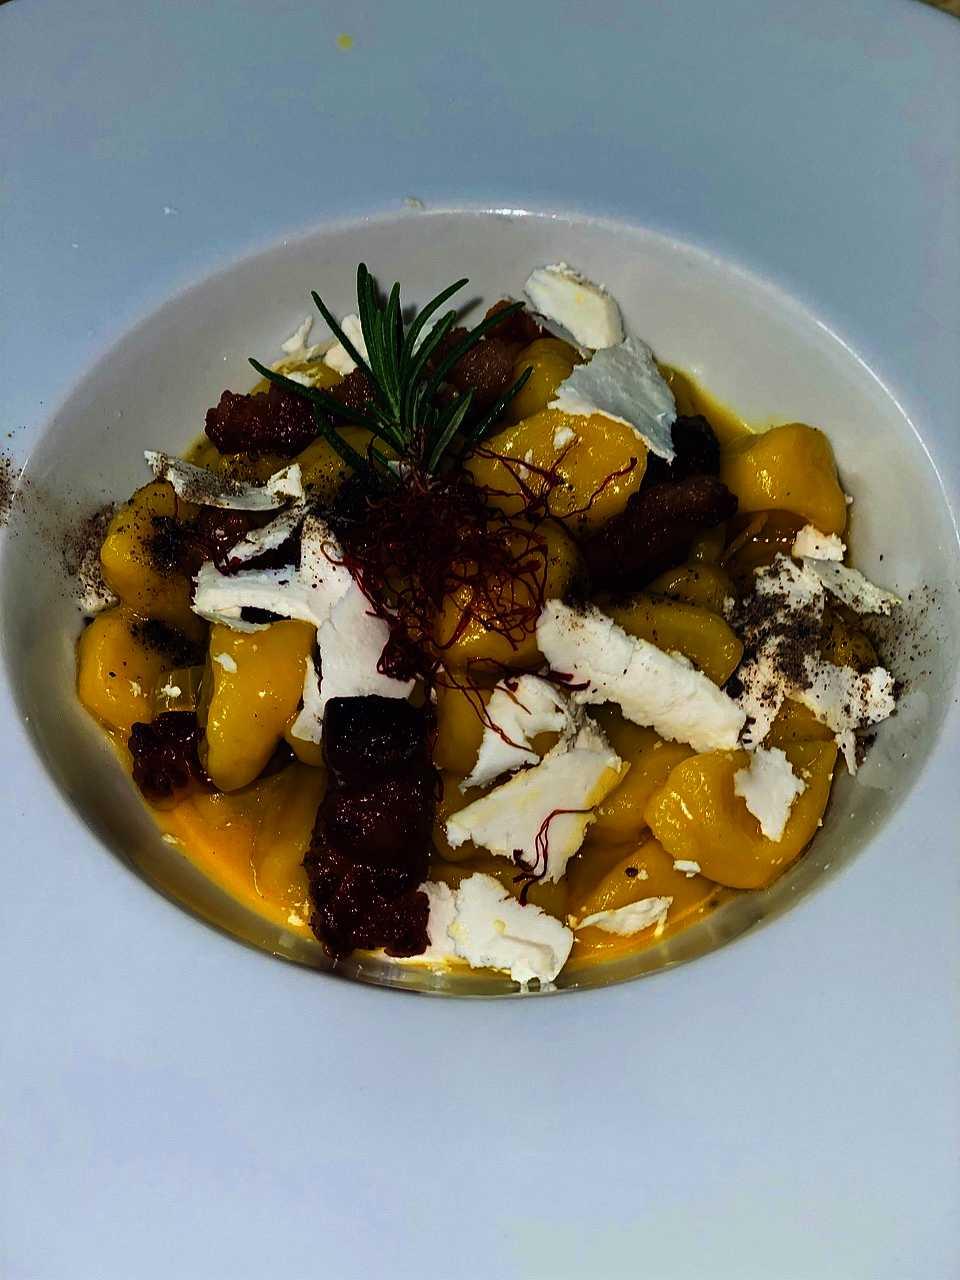 Gnocchi di patate IGP del Fucino, crema di zafferano d'Abruzzo, guanciale croccante e ricottina maritata alle erbette della Majella